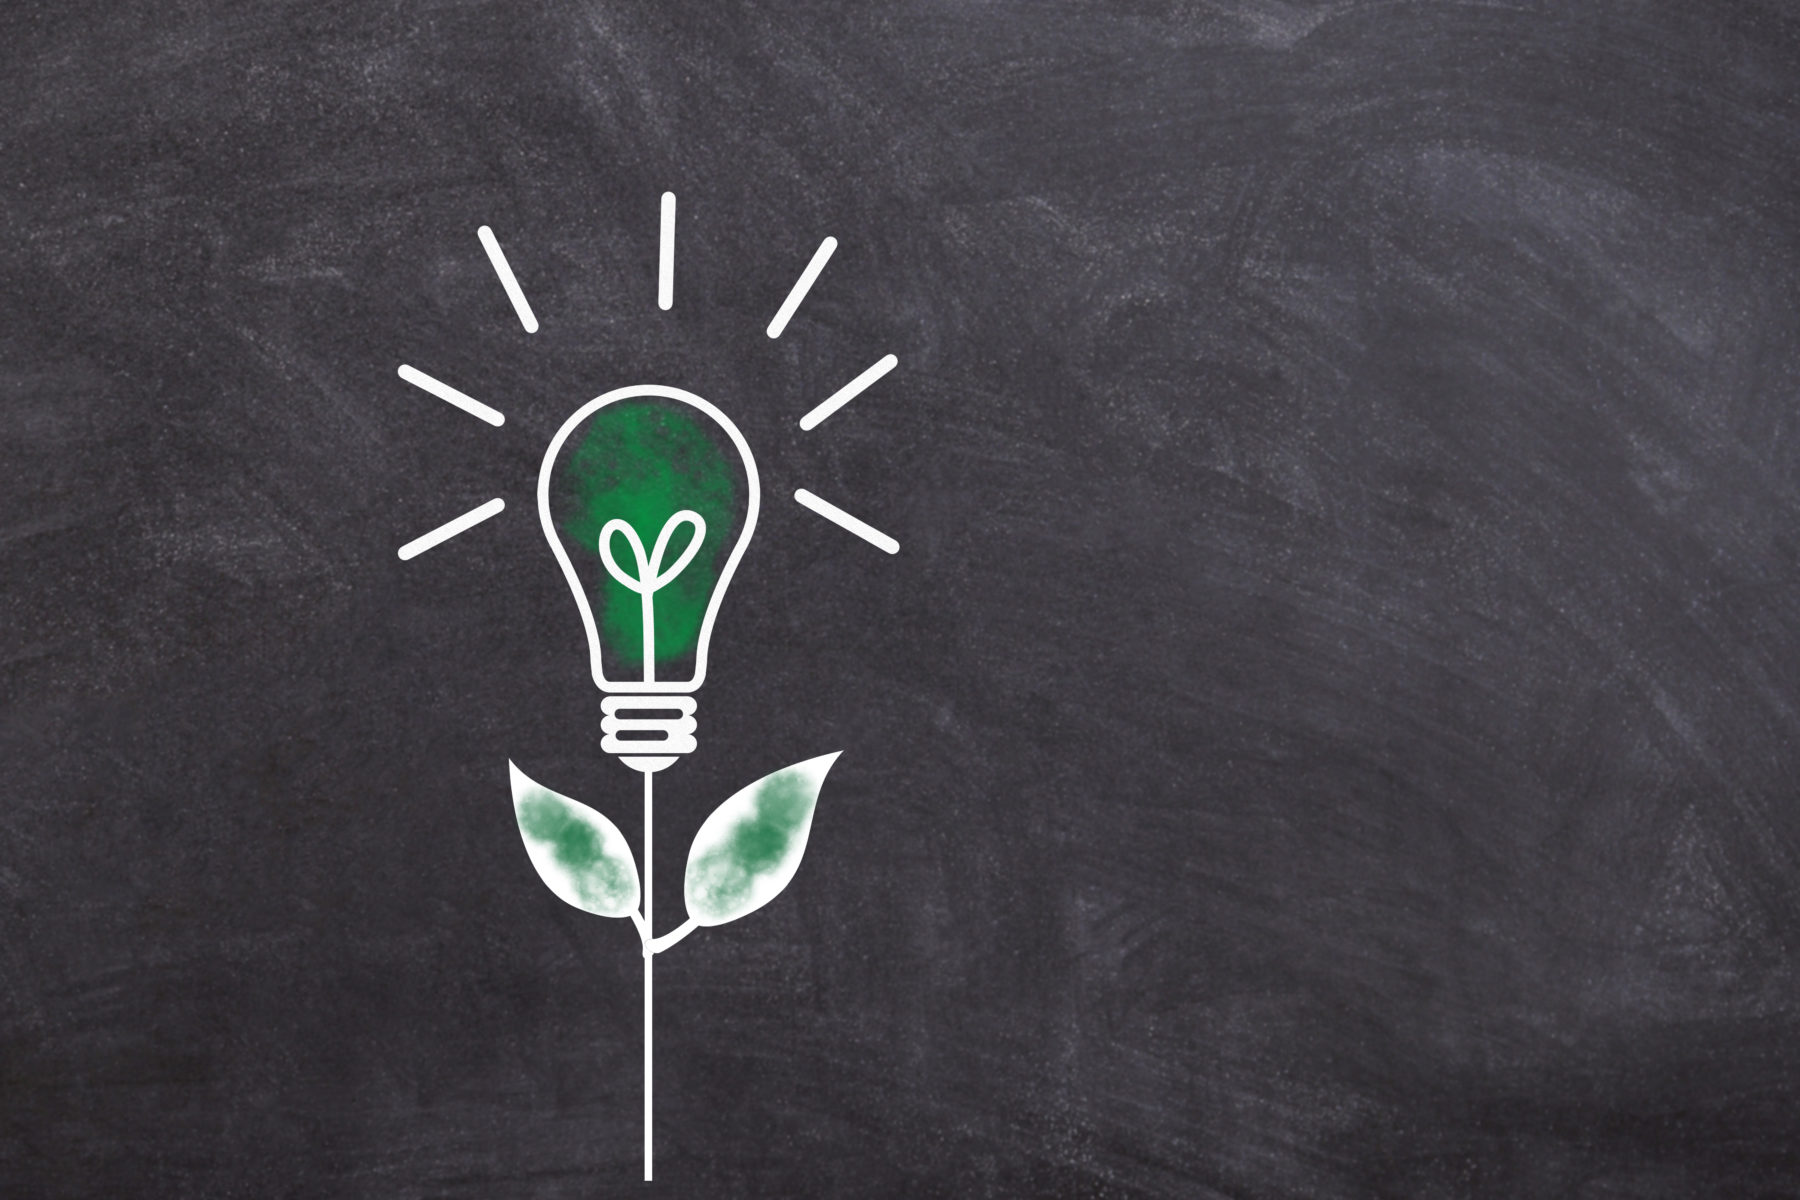 Grønn plattform skal bidra til utvikling av grønne verdikjeder gjennom FoU- og innovasjonsprosjekter.